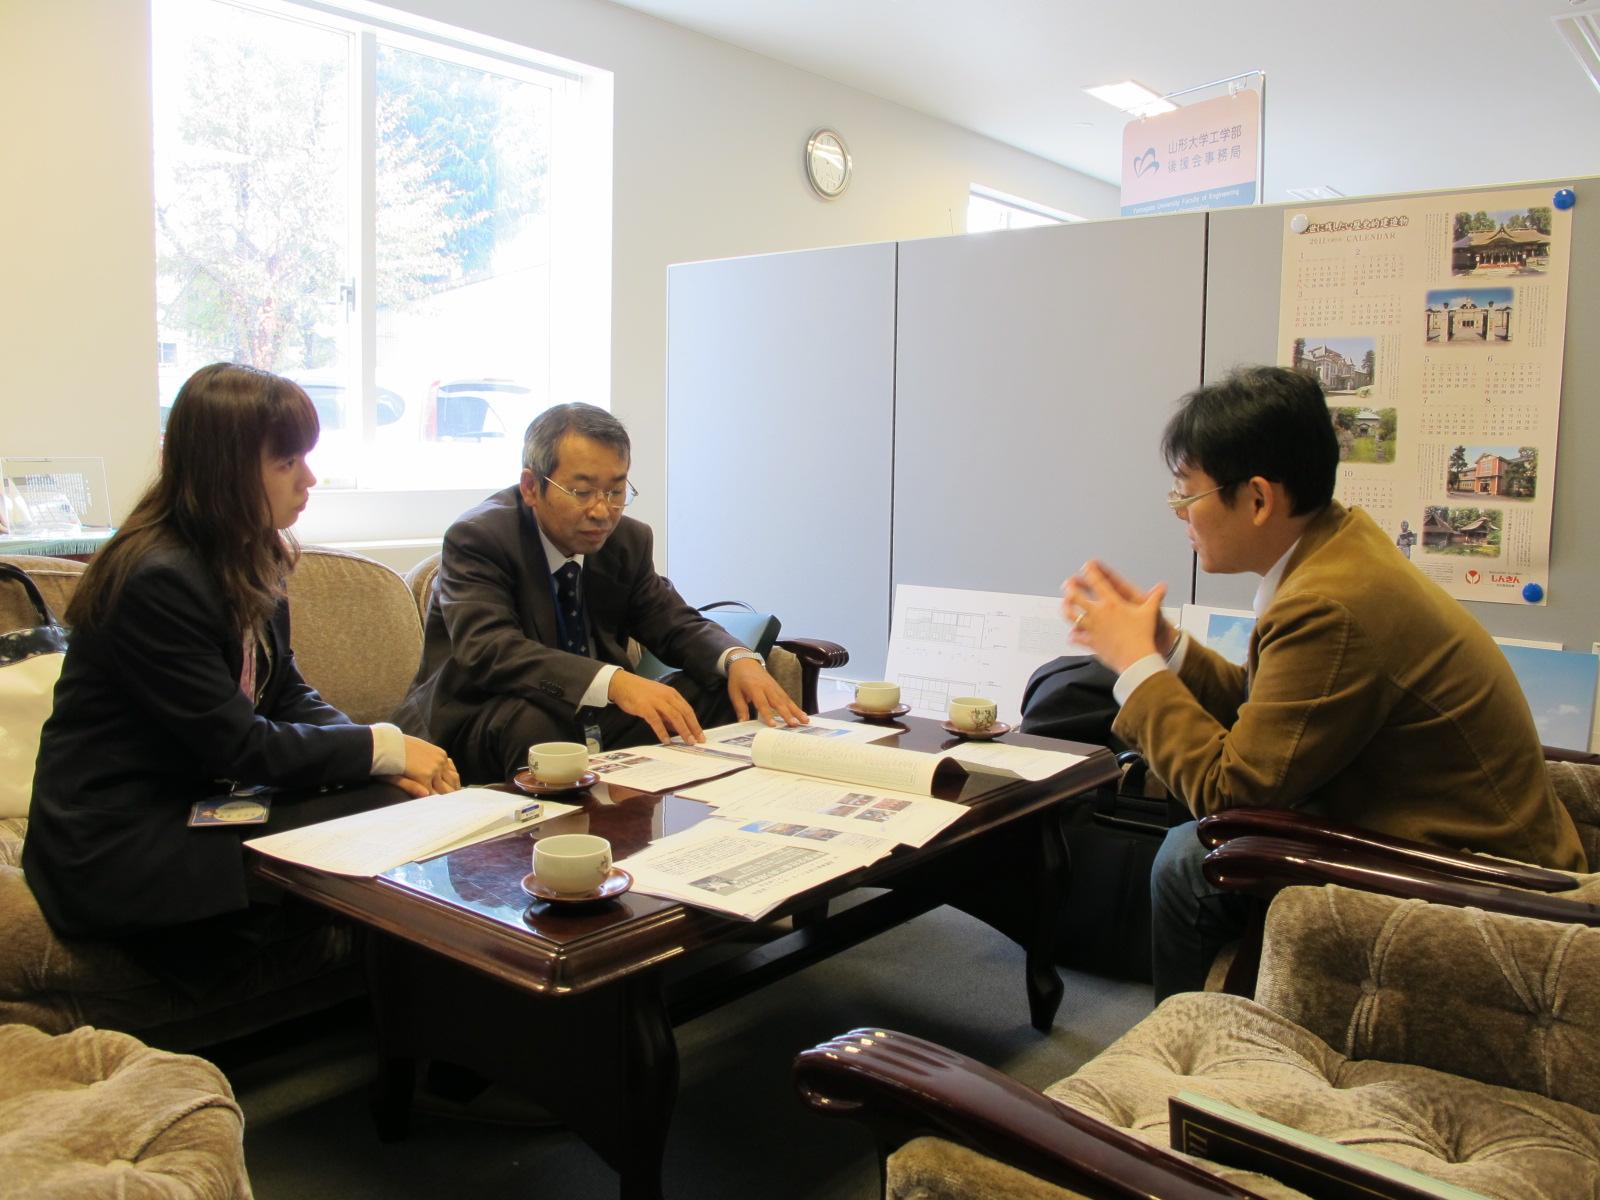 米沢工業会国際交流事業補助金交付についての打ち合わせを行う_c0075701_1165069.jpg